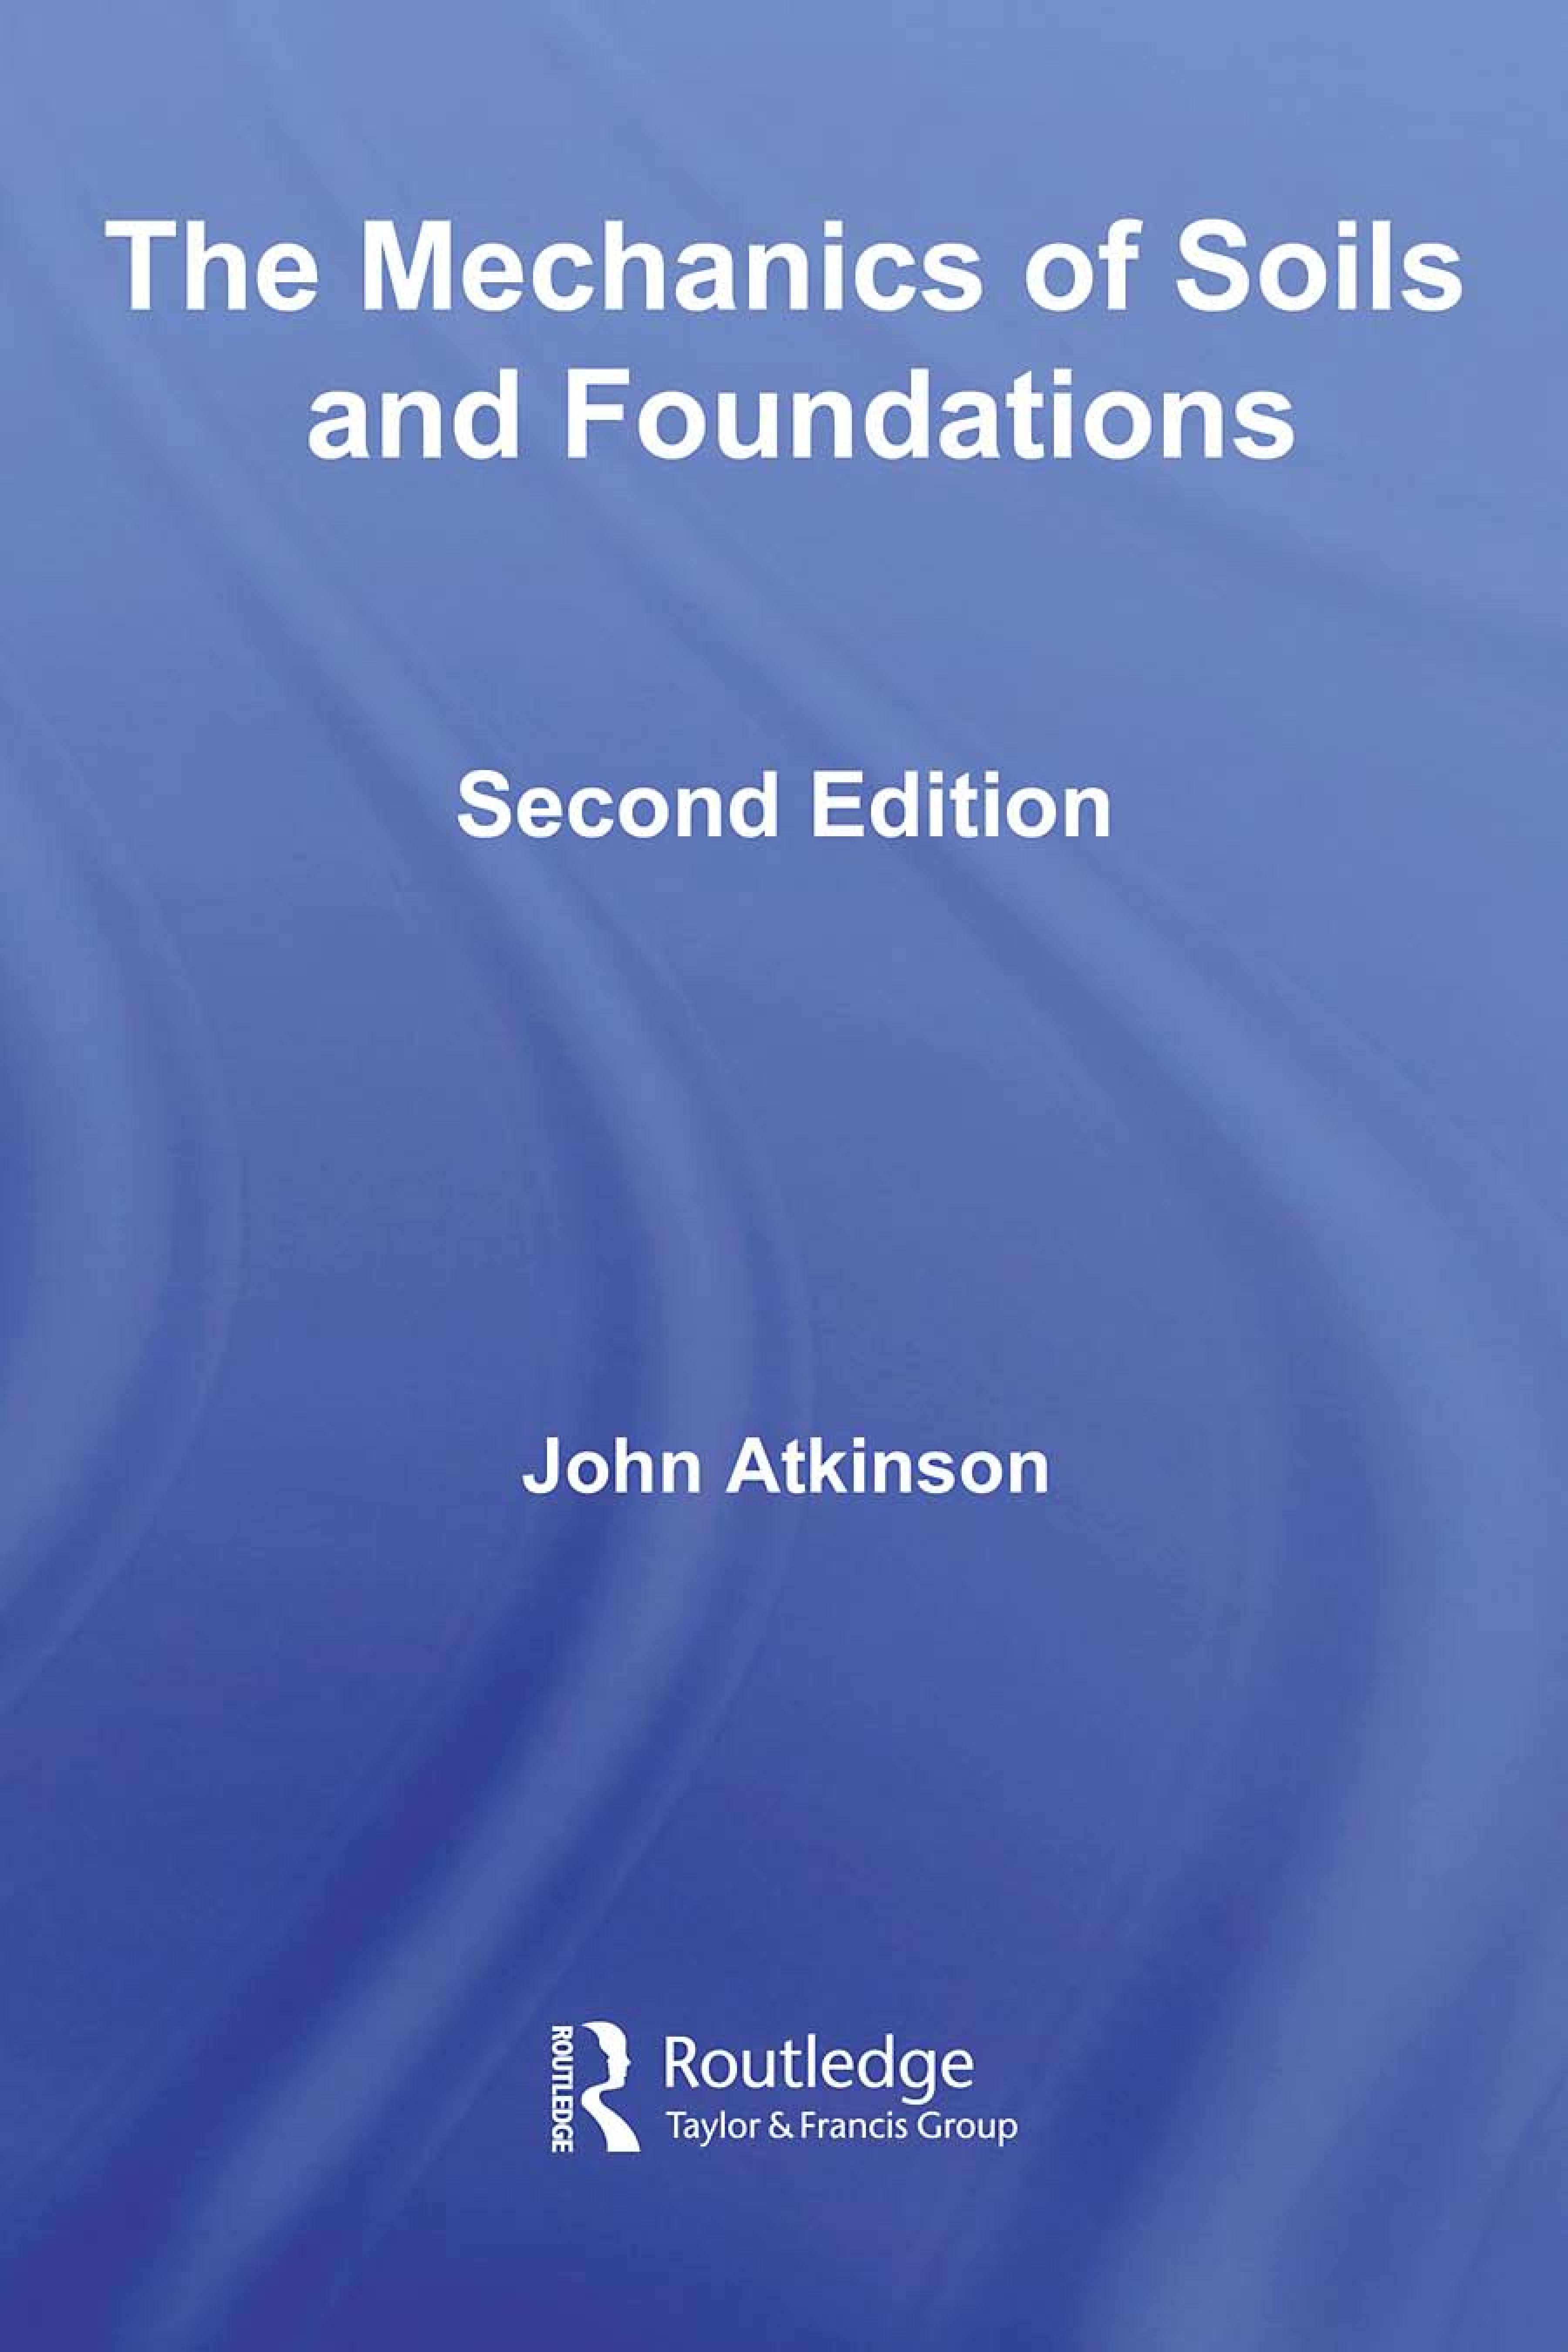 دانلود رایگان کتاب Mechanics Soil and Foundations تالیف John Atkinson